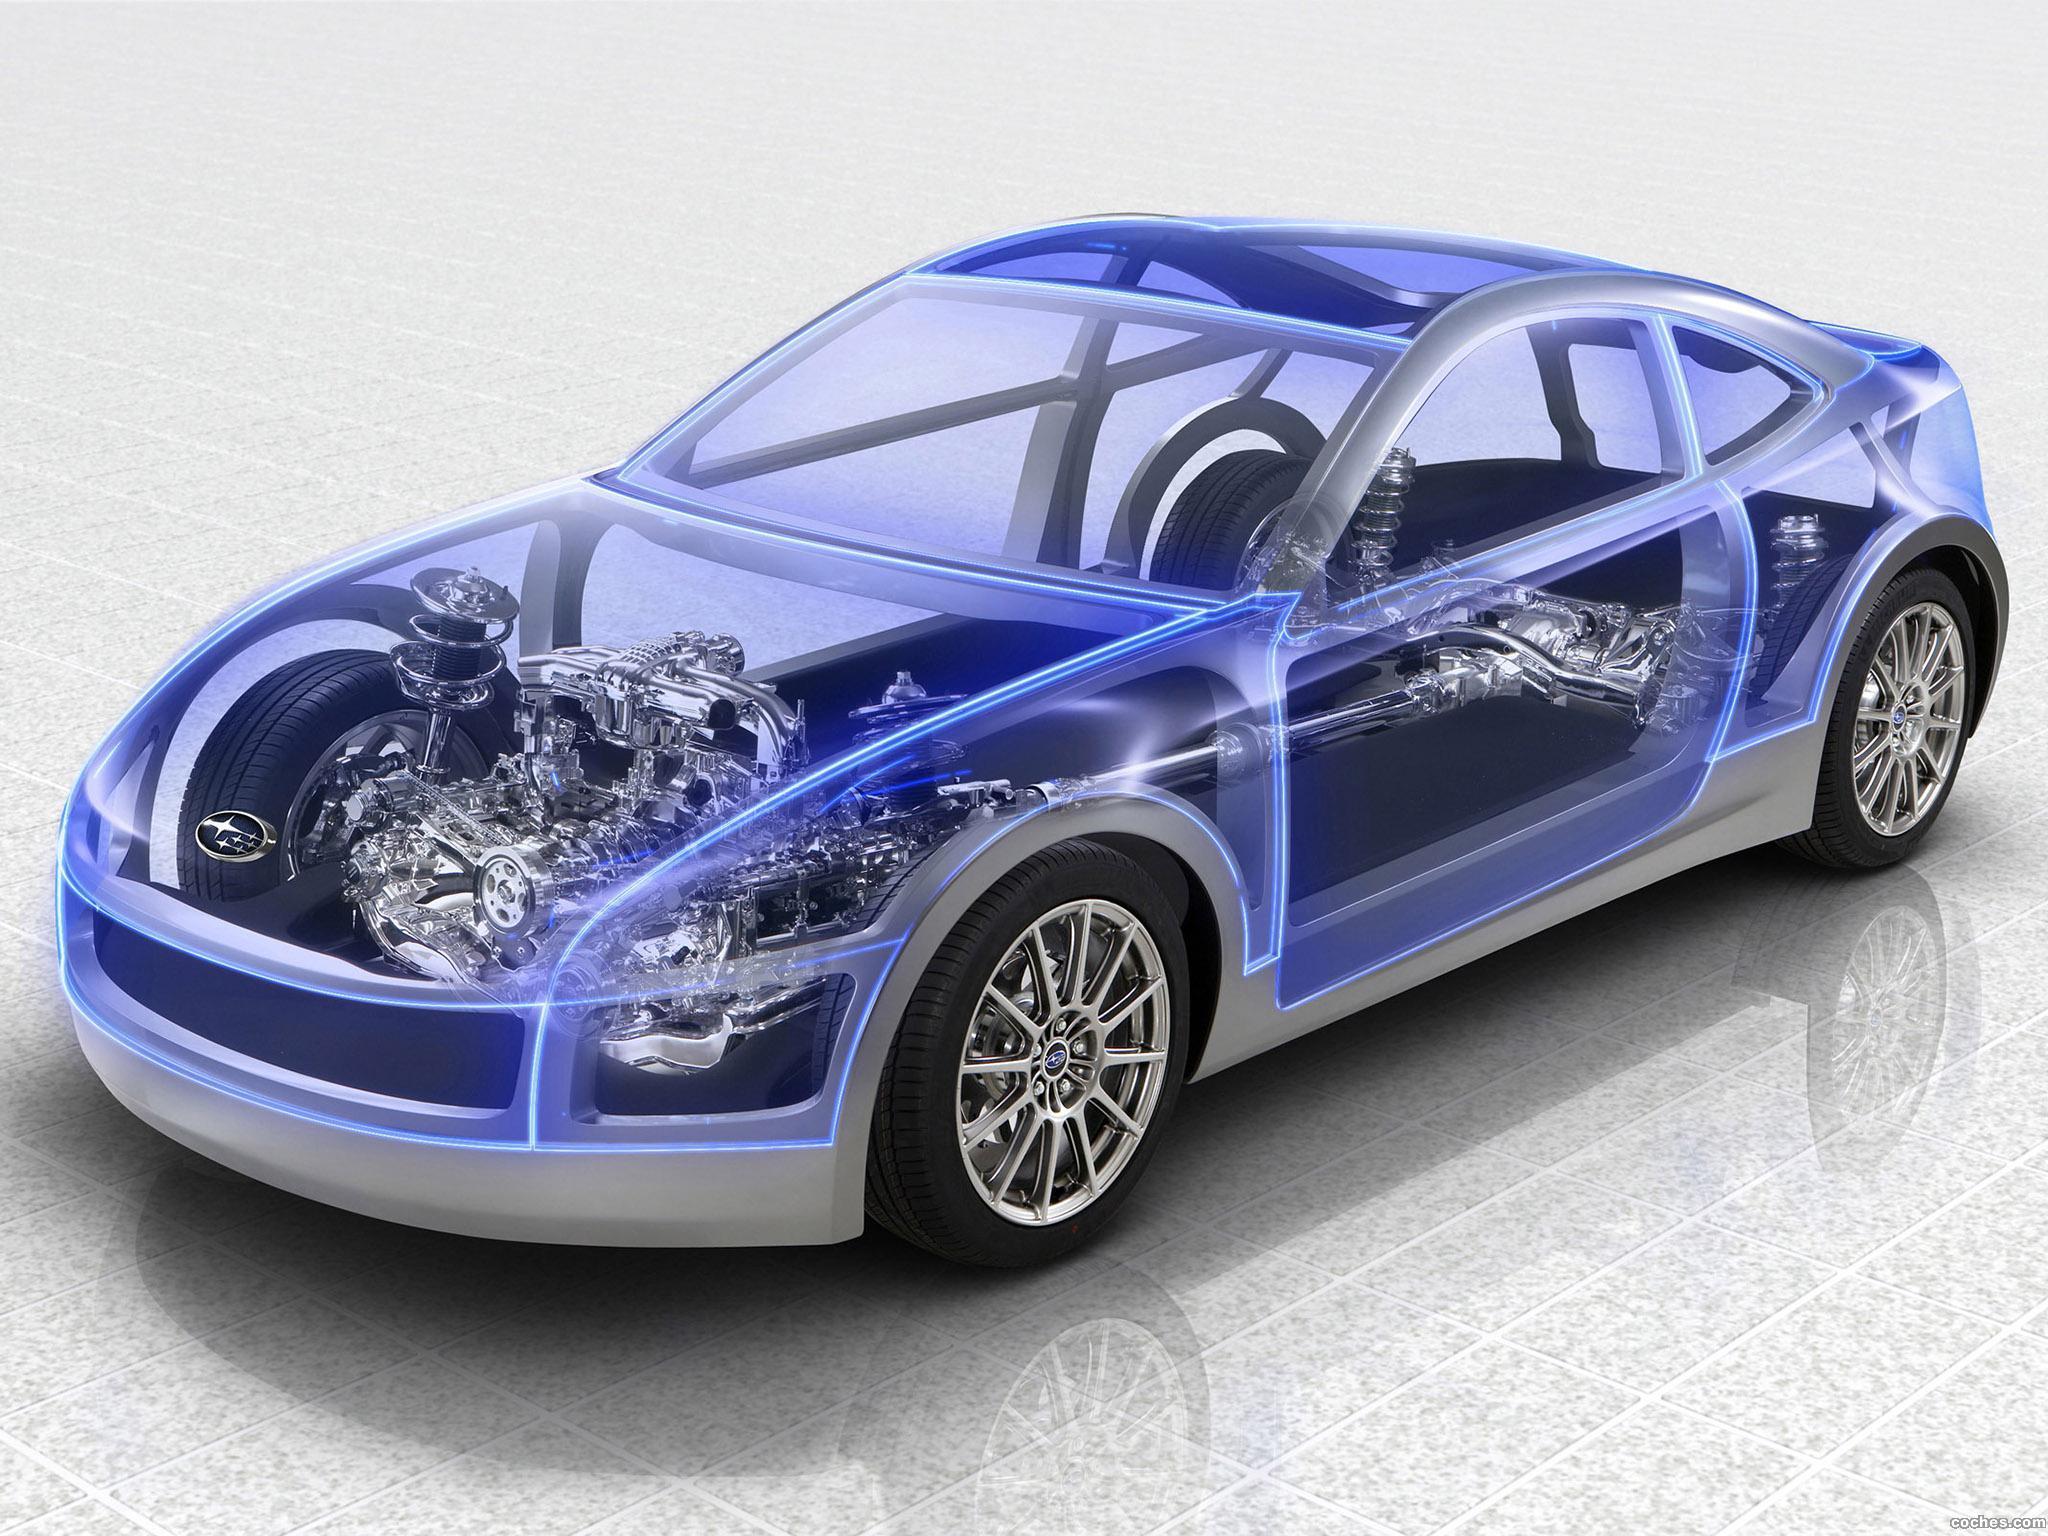 Foto 0 de Subaru Boxer Sports Car Architecture 2011